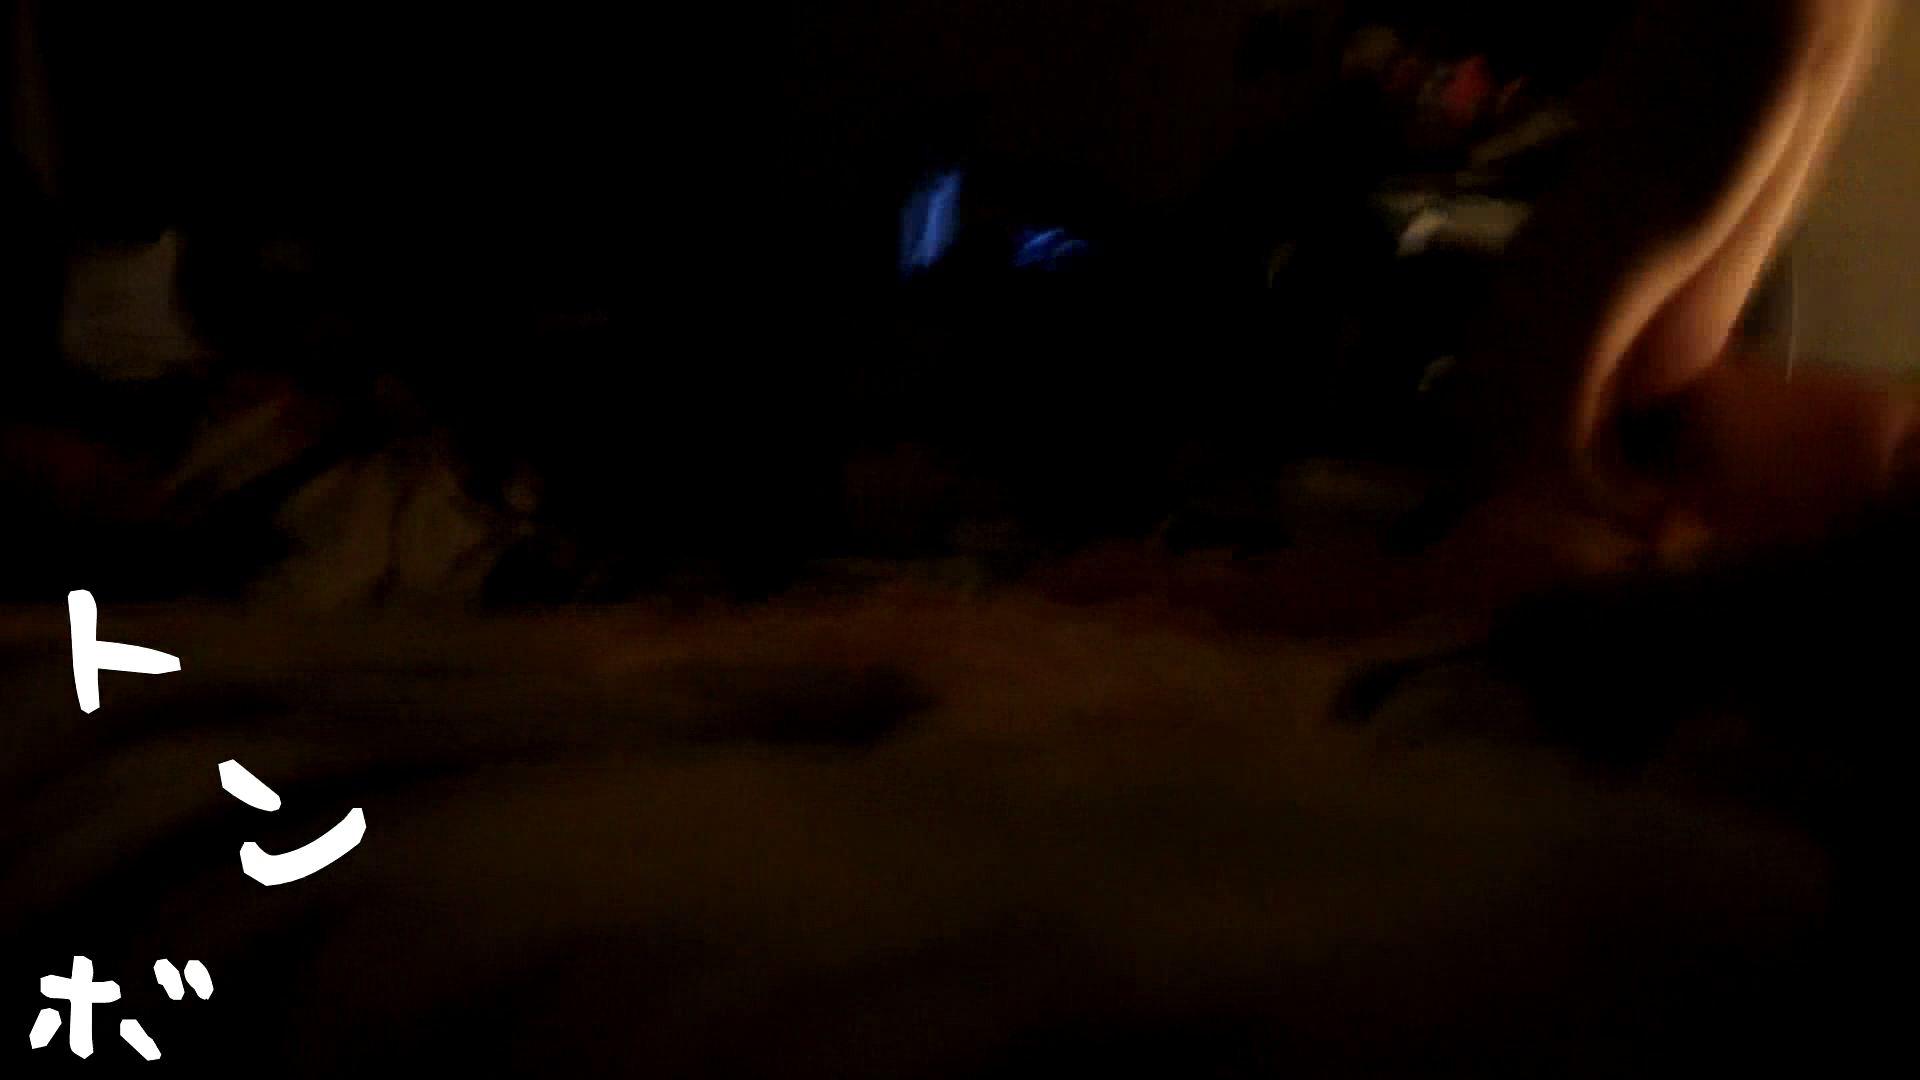 リアル盗撮 むっちりお女市さんの私生活ヌード 高画質 盗撮AV動画キャプチャ 61pic 59